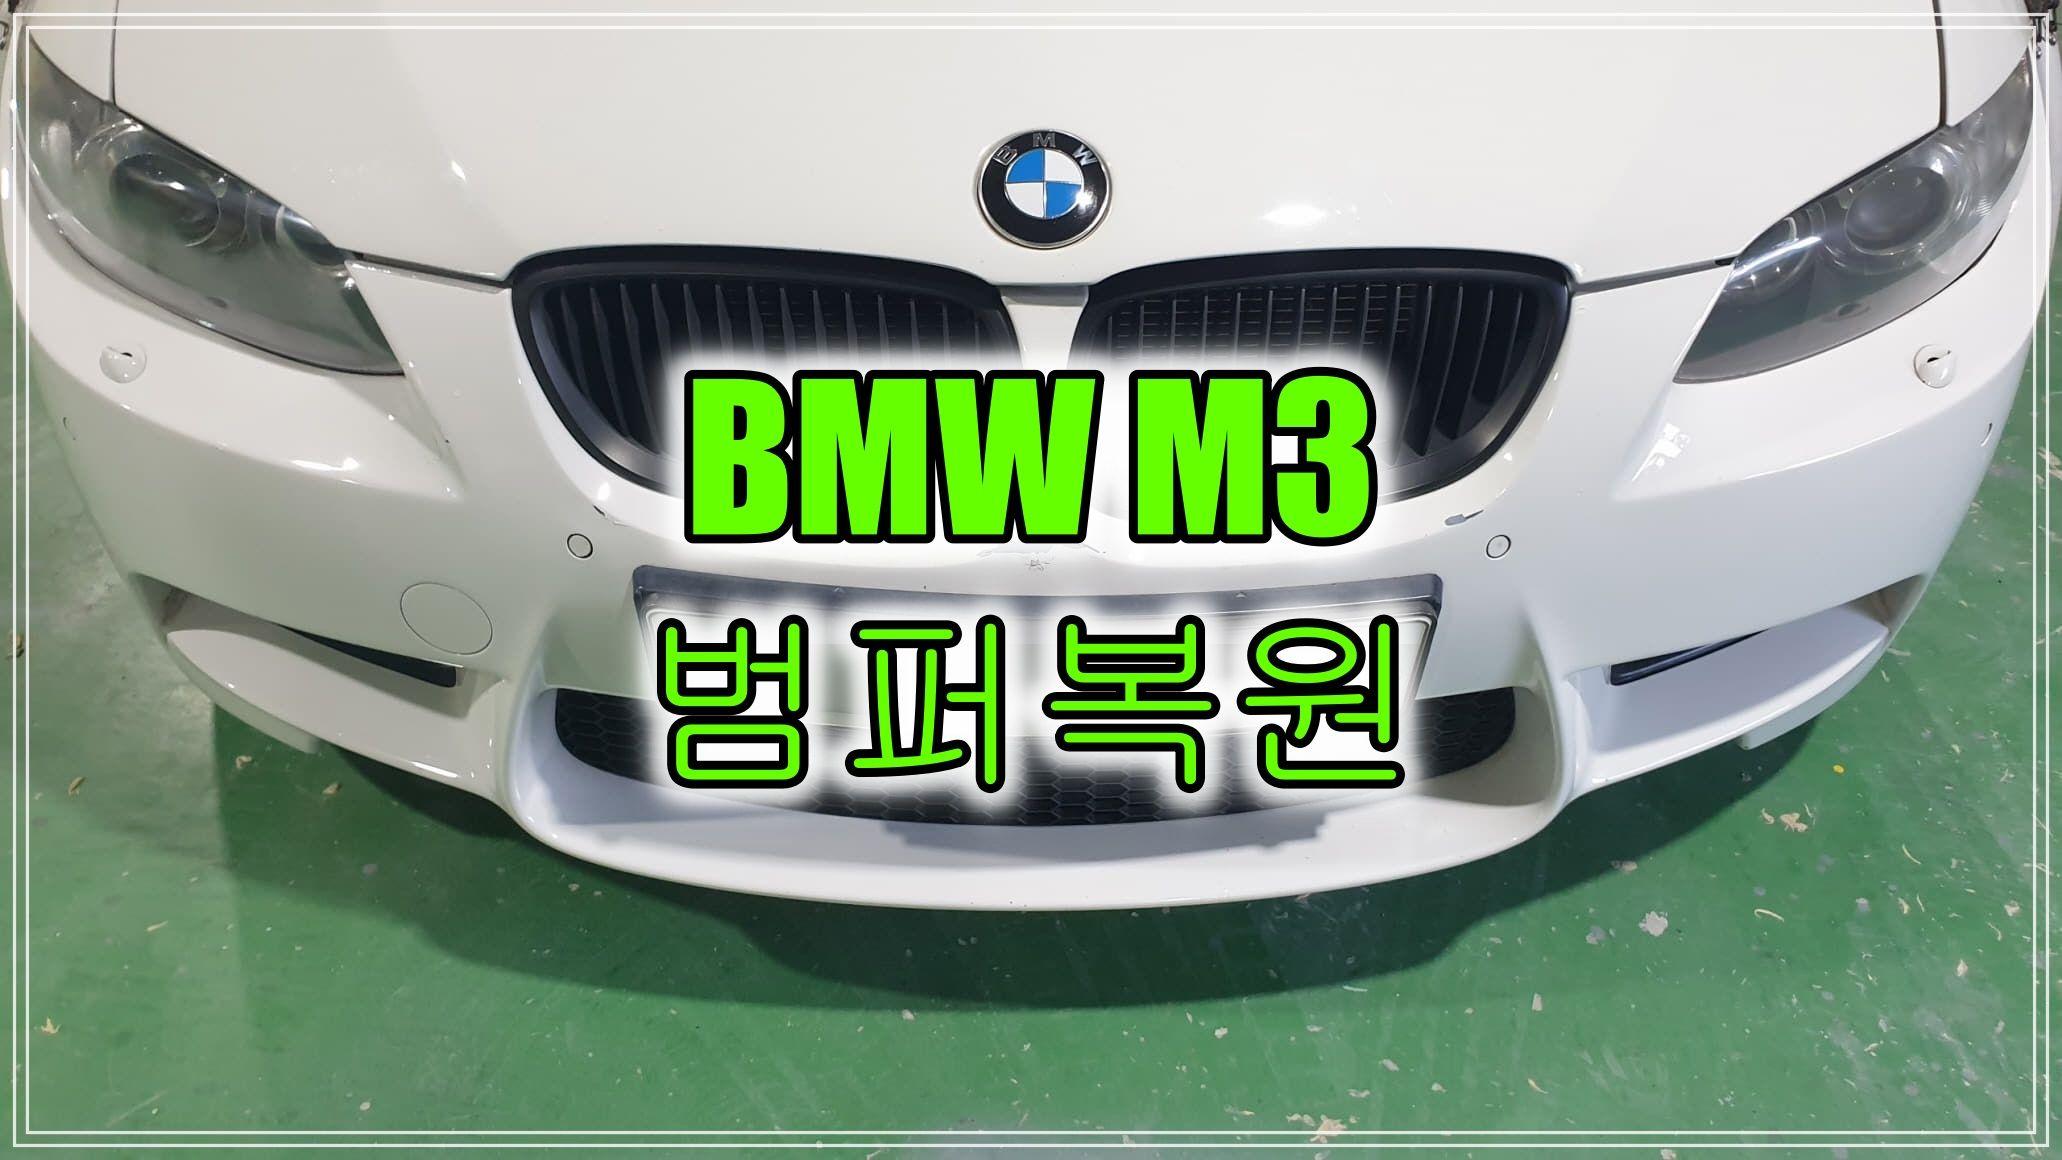 인천 외제차 Bmw M3 앞 범퍼 깨짐 긁힘 범퍼복원으로 교체 비용 절반으로 줄이기 바이에른 자동차 소매